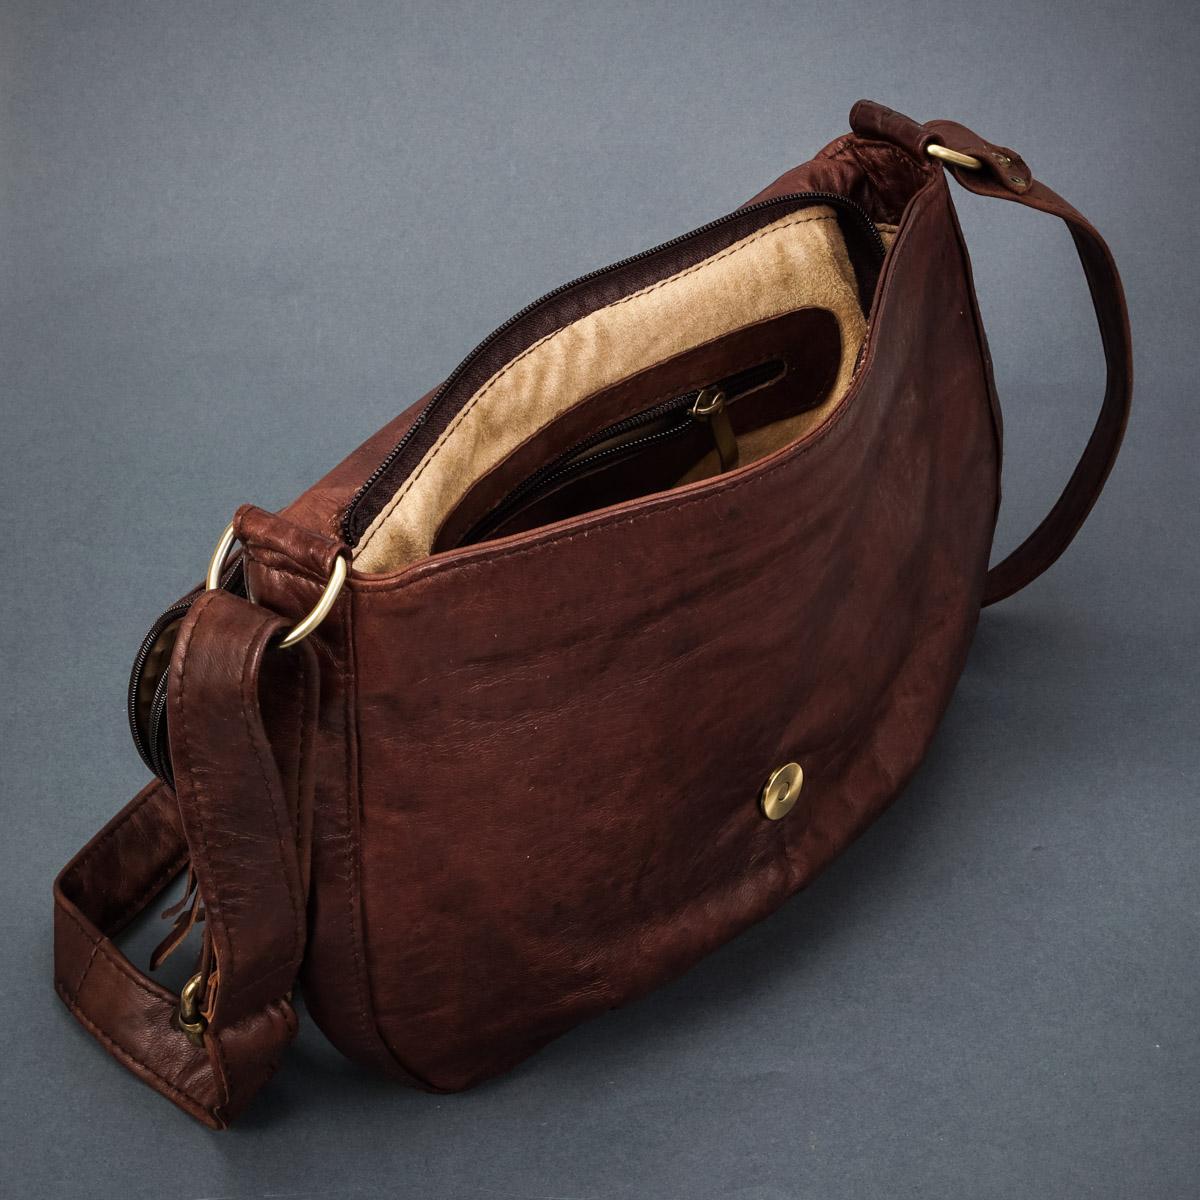 предметная фотография кожаной сумки для женщин